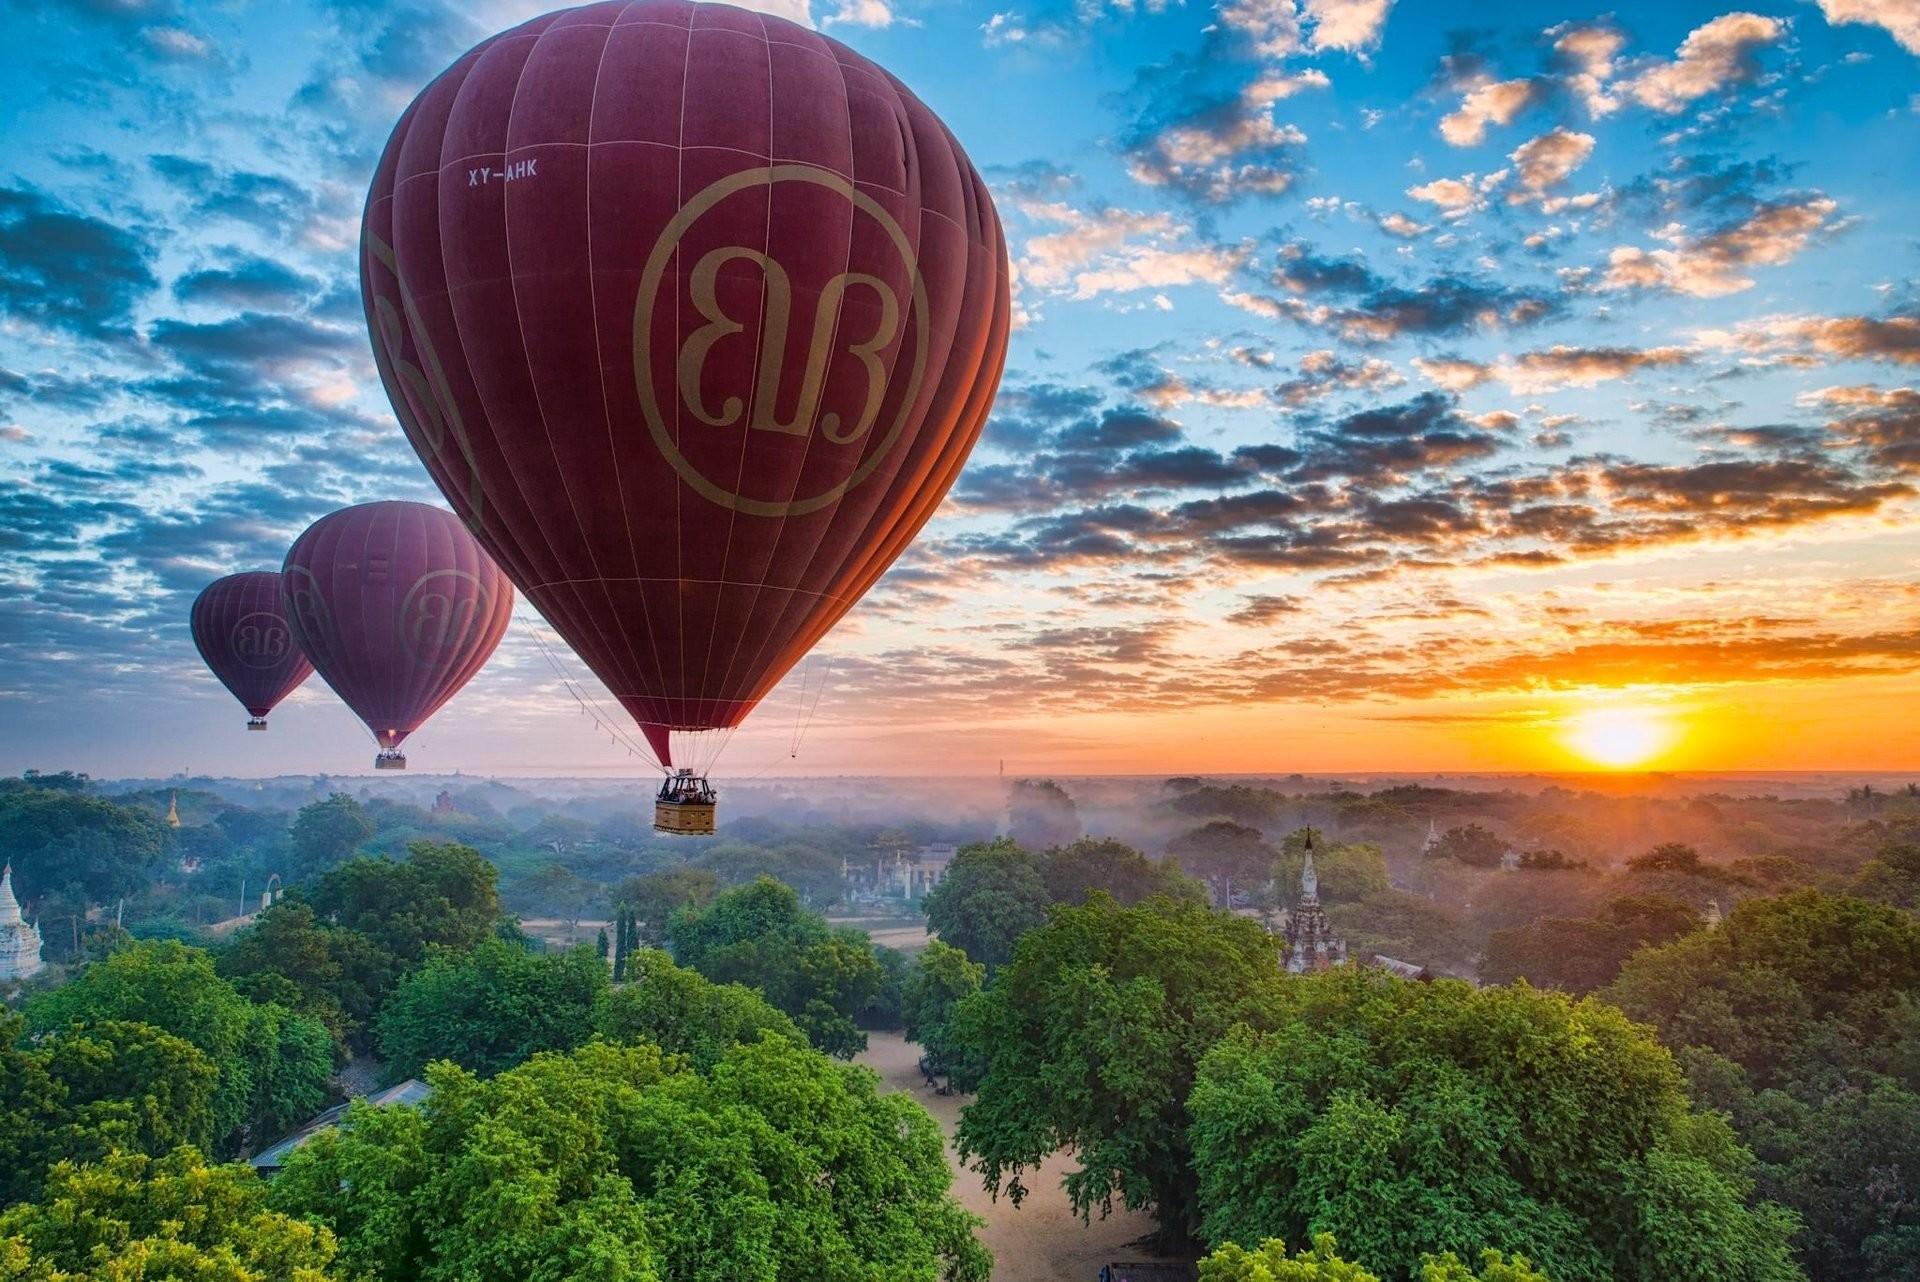 bagan myanmar burma pagan myanmar burma balloons sky sunset panorama